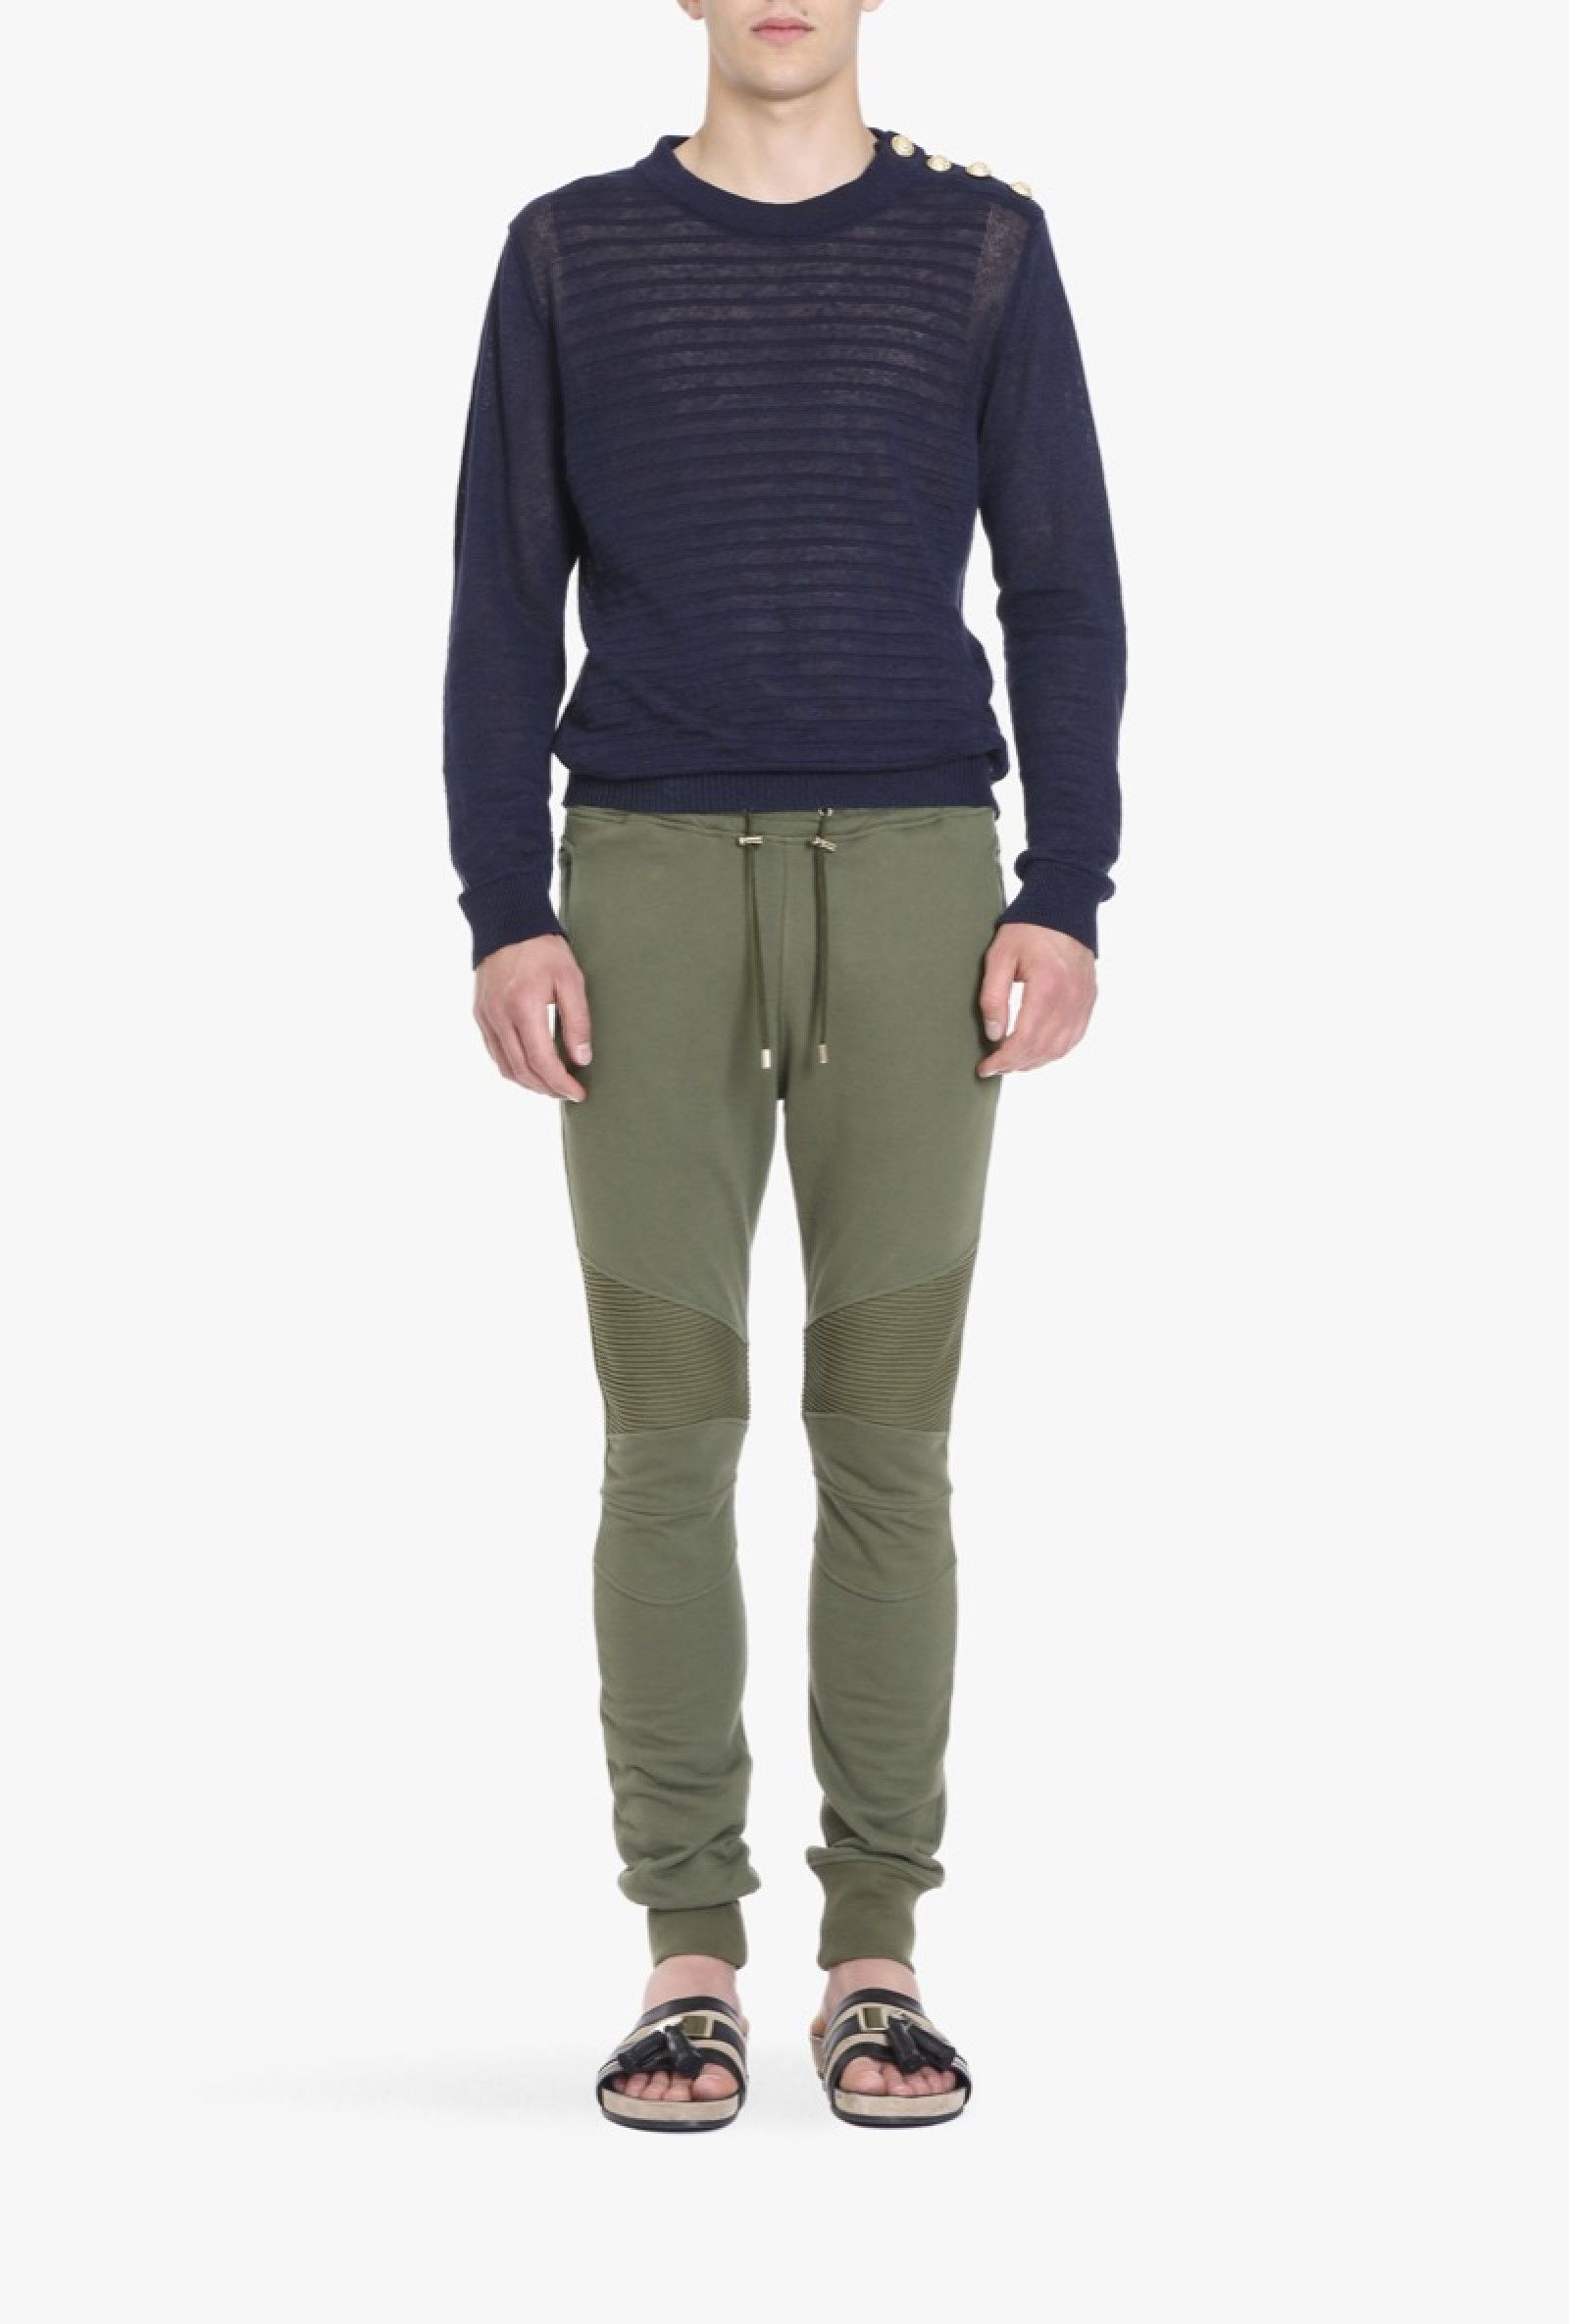 a7b5eefe967b Pantalon de survêtement motard en jersey de coton